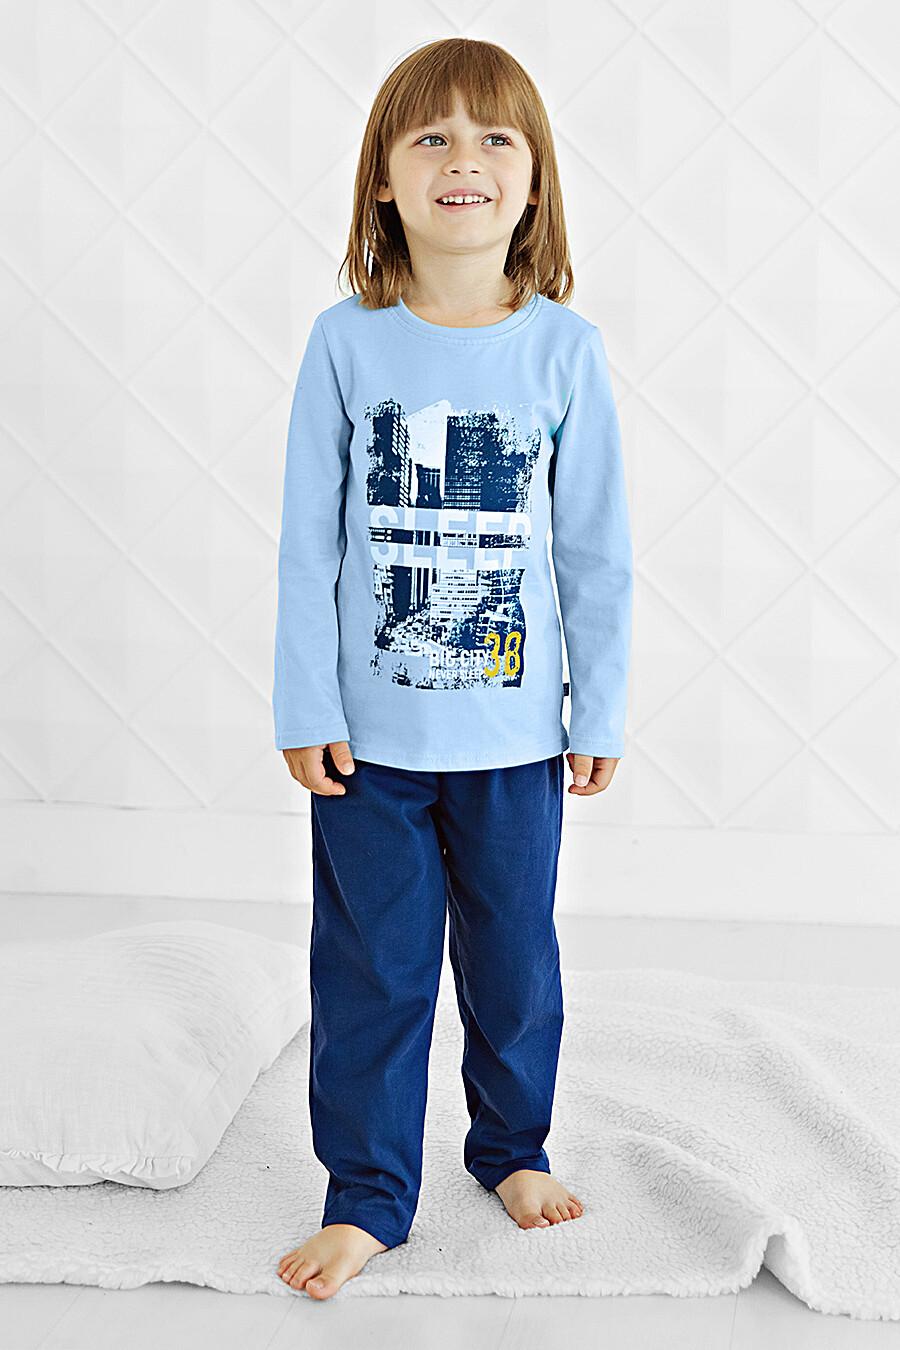 Пижама (джемпер+брюки) для девочек BOSSA NOVA 239176 купить оптом от производителя. Совместная покупка детской одежды в OptMoyo